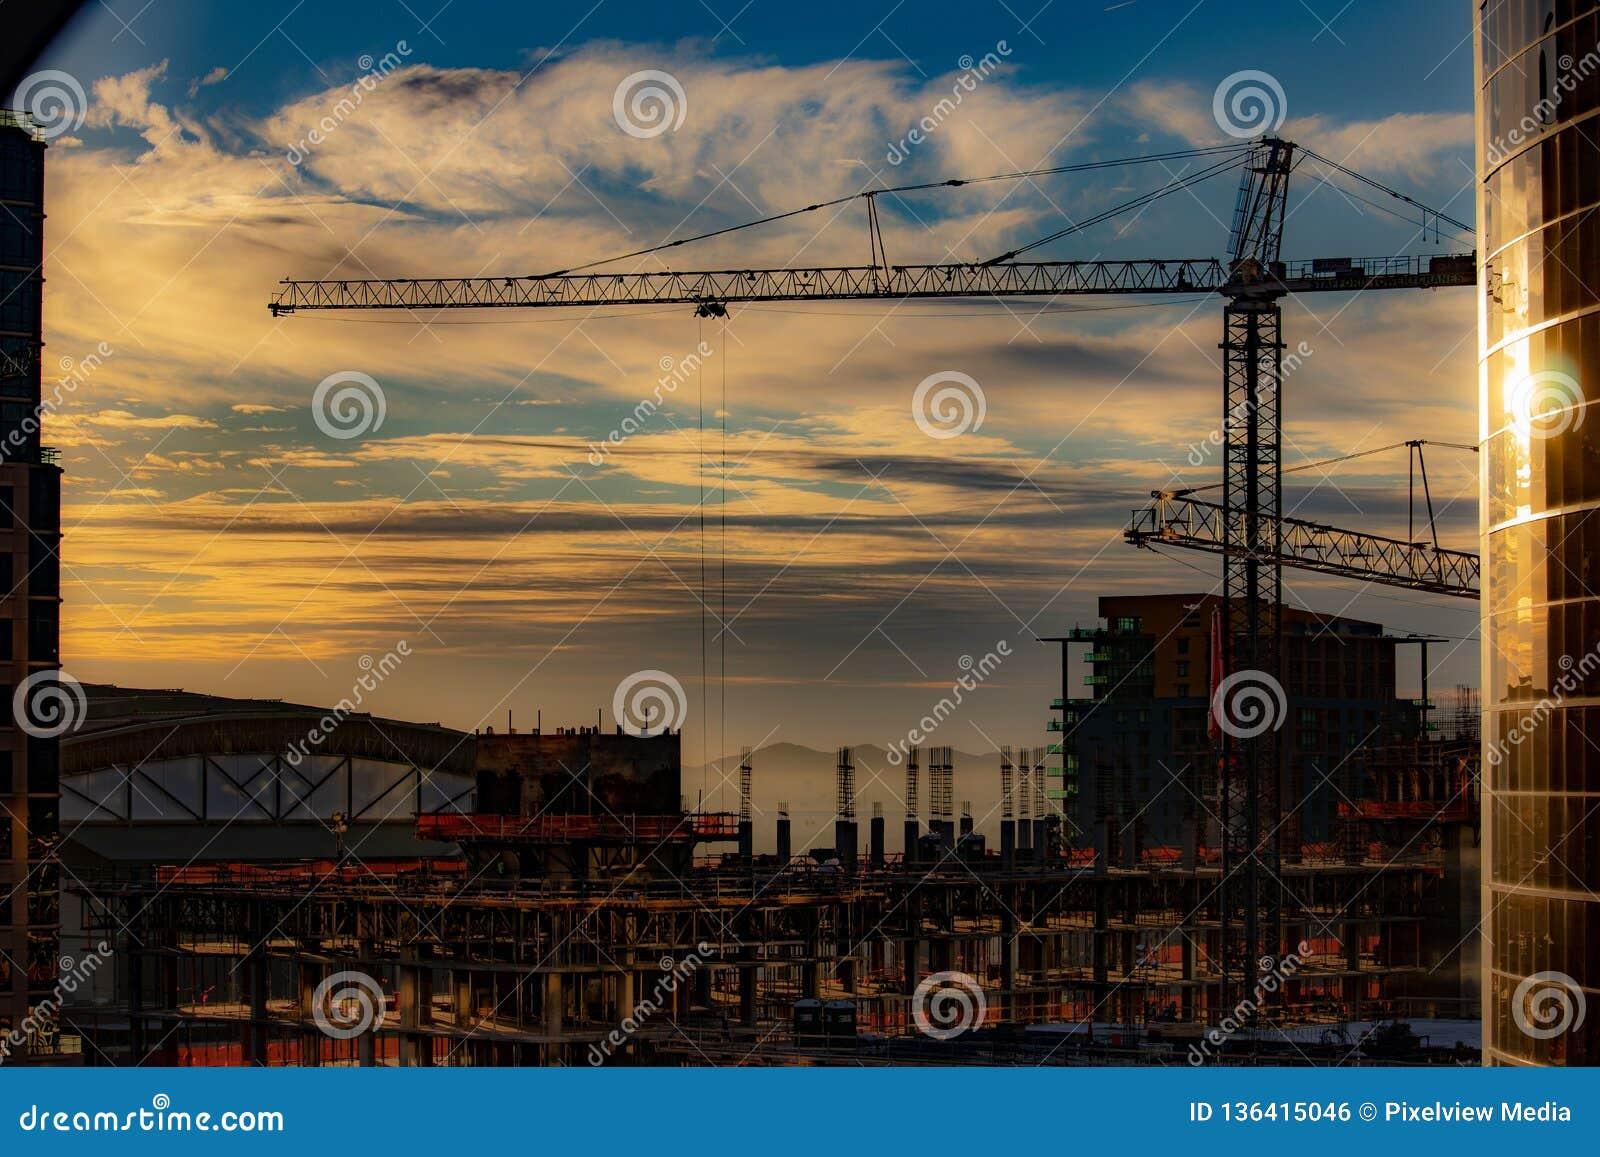 Im Stadtzentrum gelegener Sonnenuntergang über Baustelle mit Kran